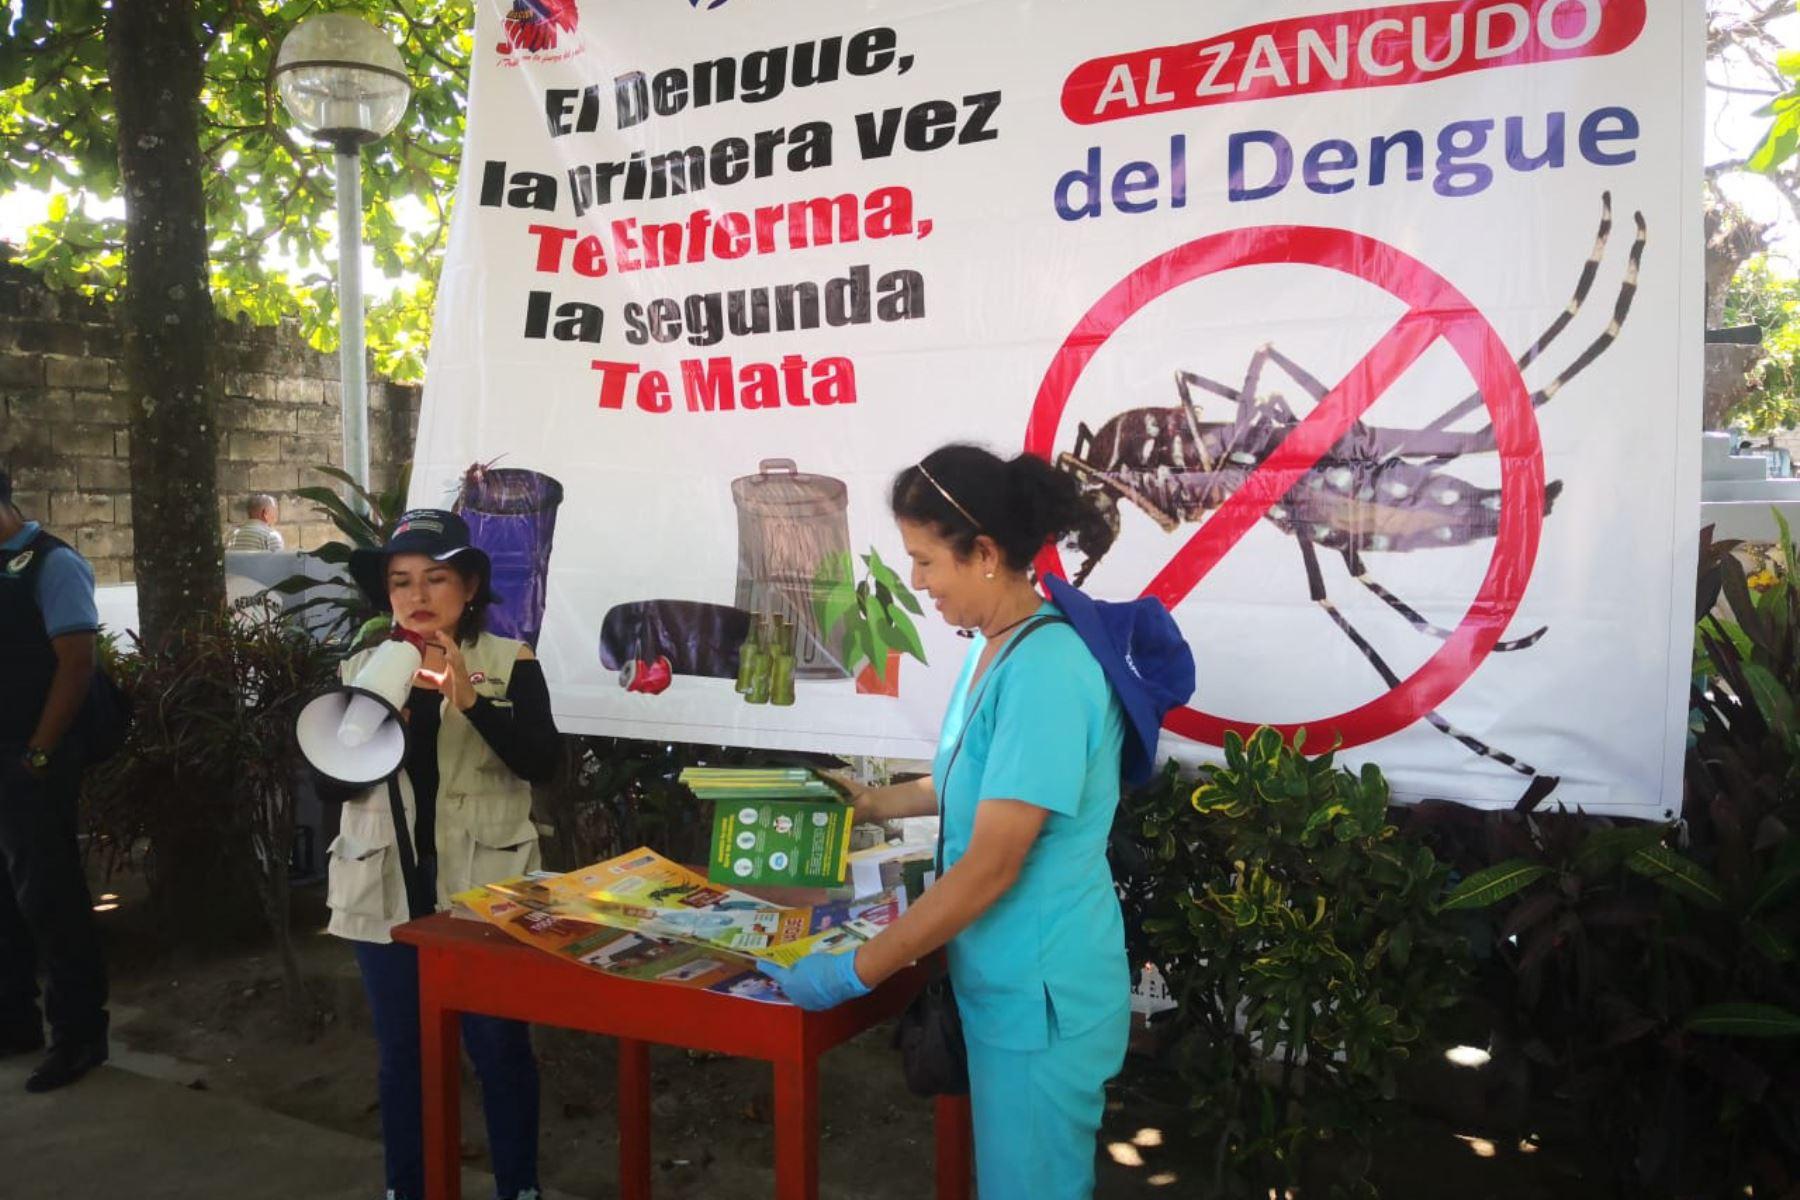 En lo que va del año se reportaron 34,367 casos de dengue en todo el país, informó el Ministerio de Salud. ANDINA/Difusión